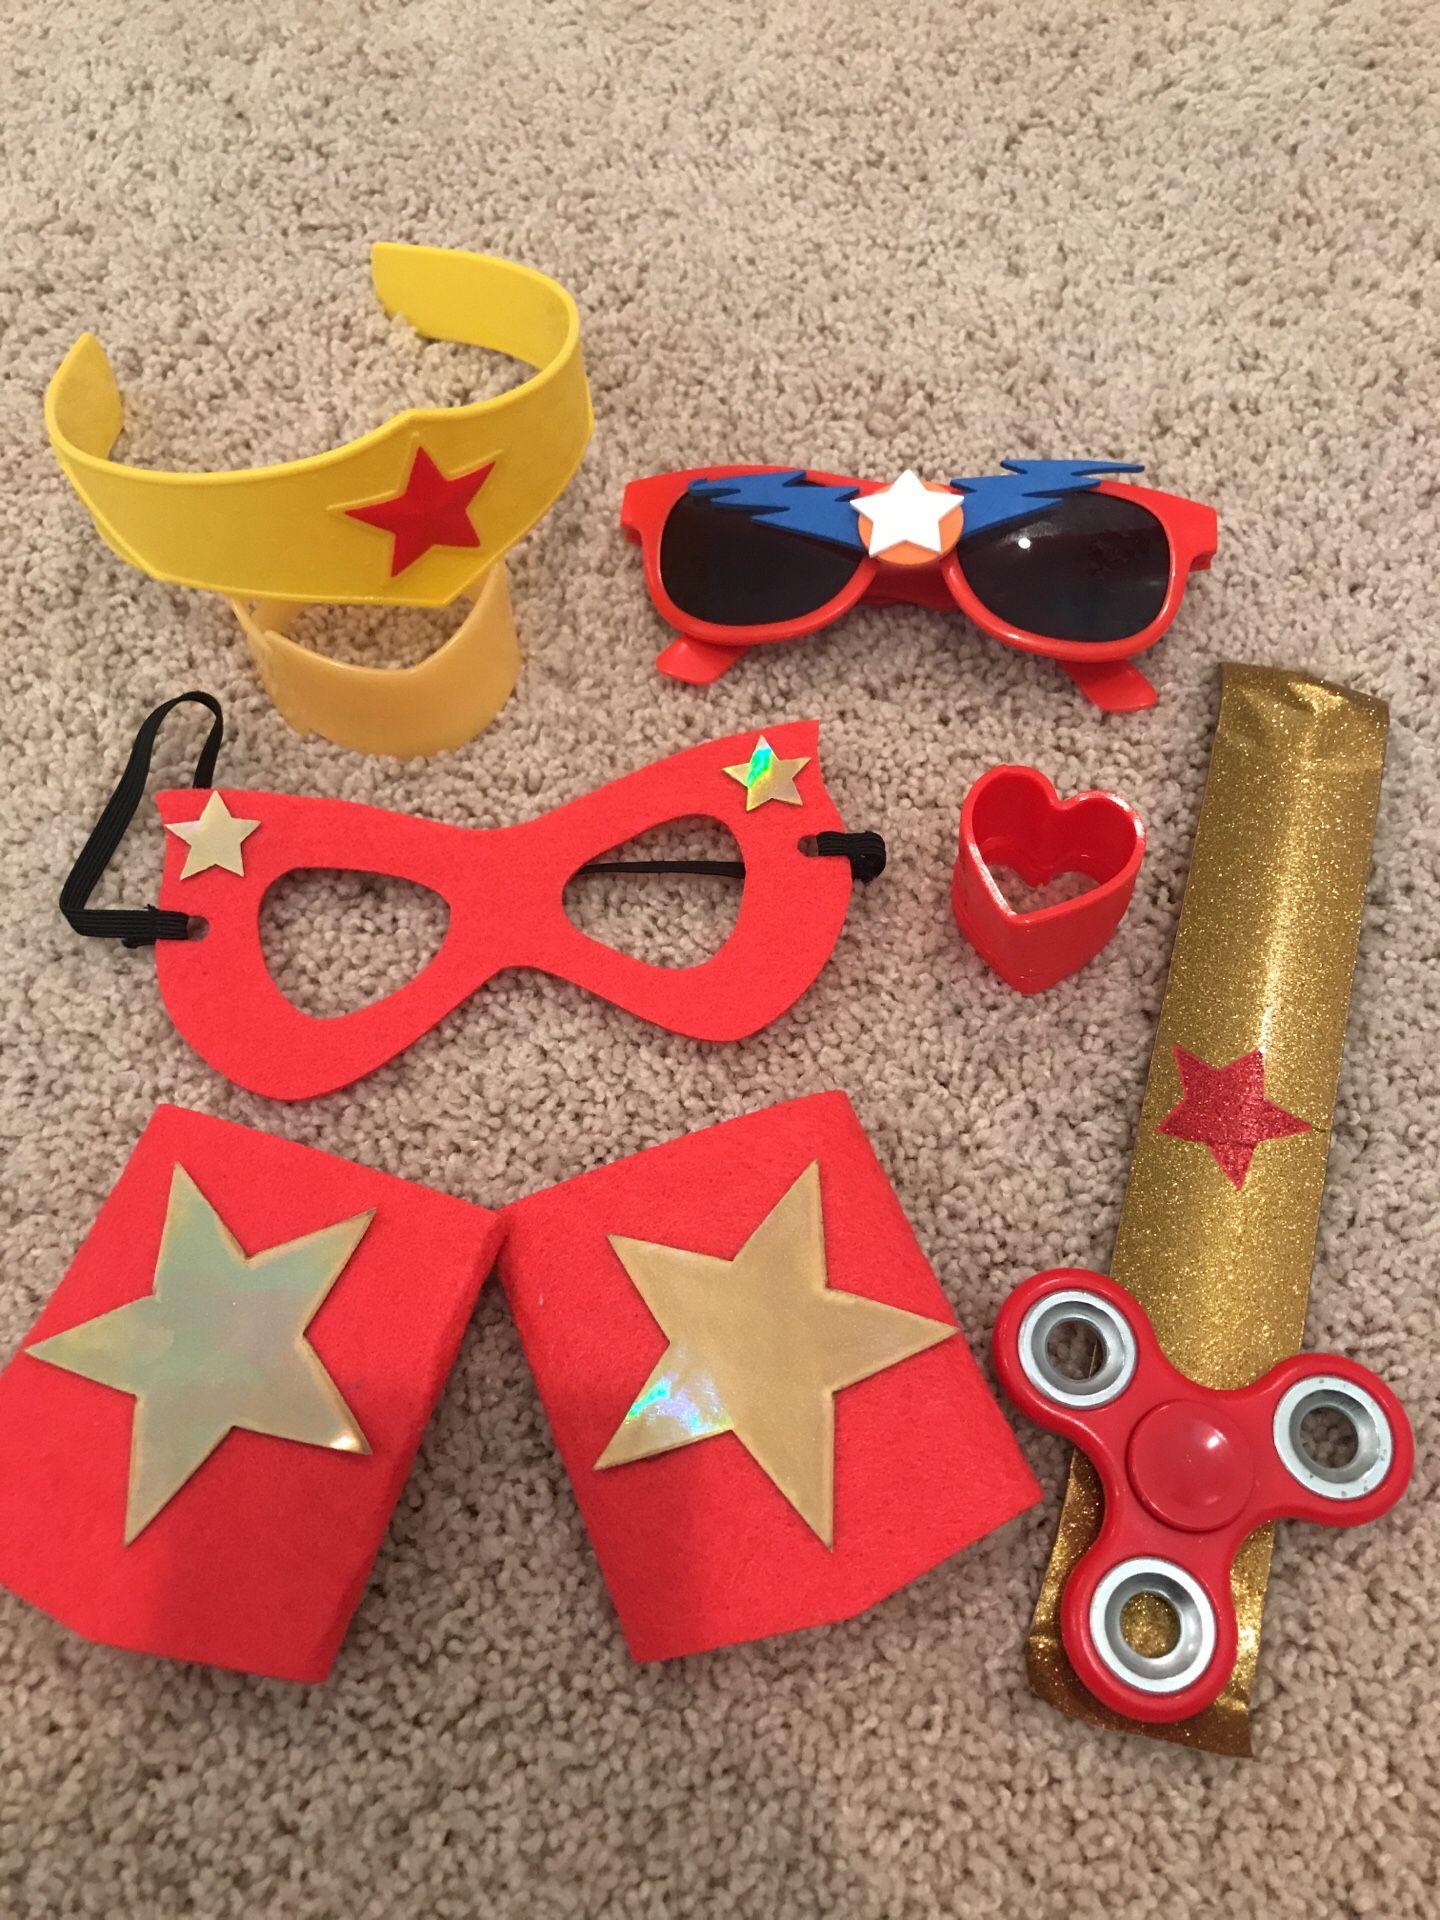 Superhero misc items